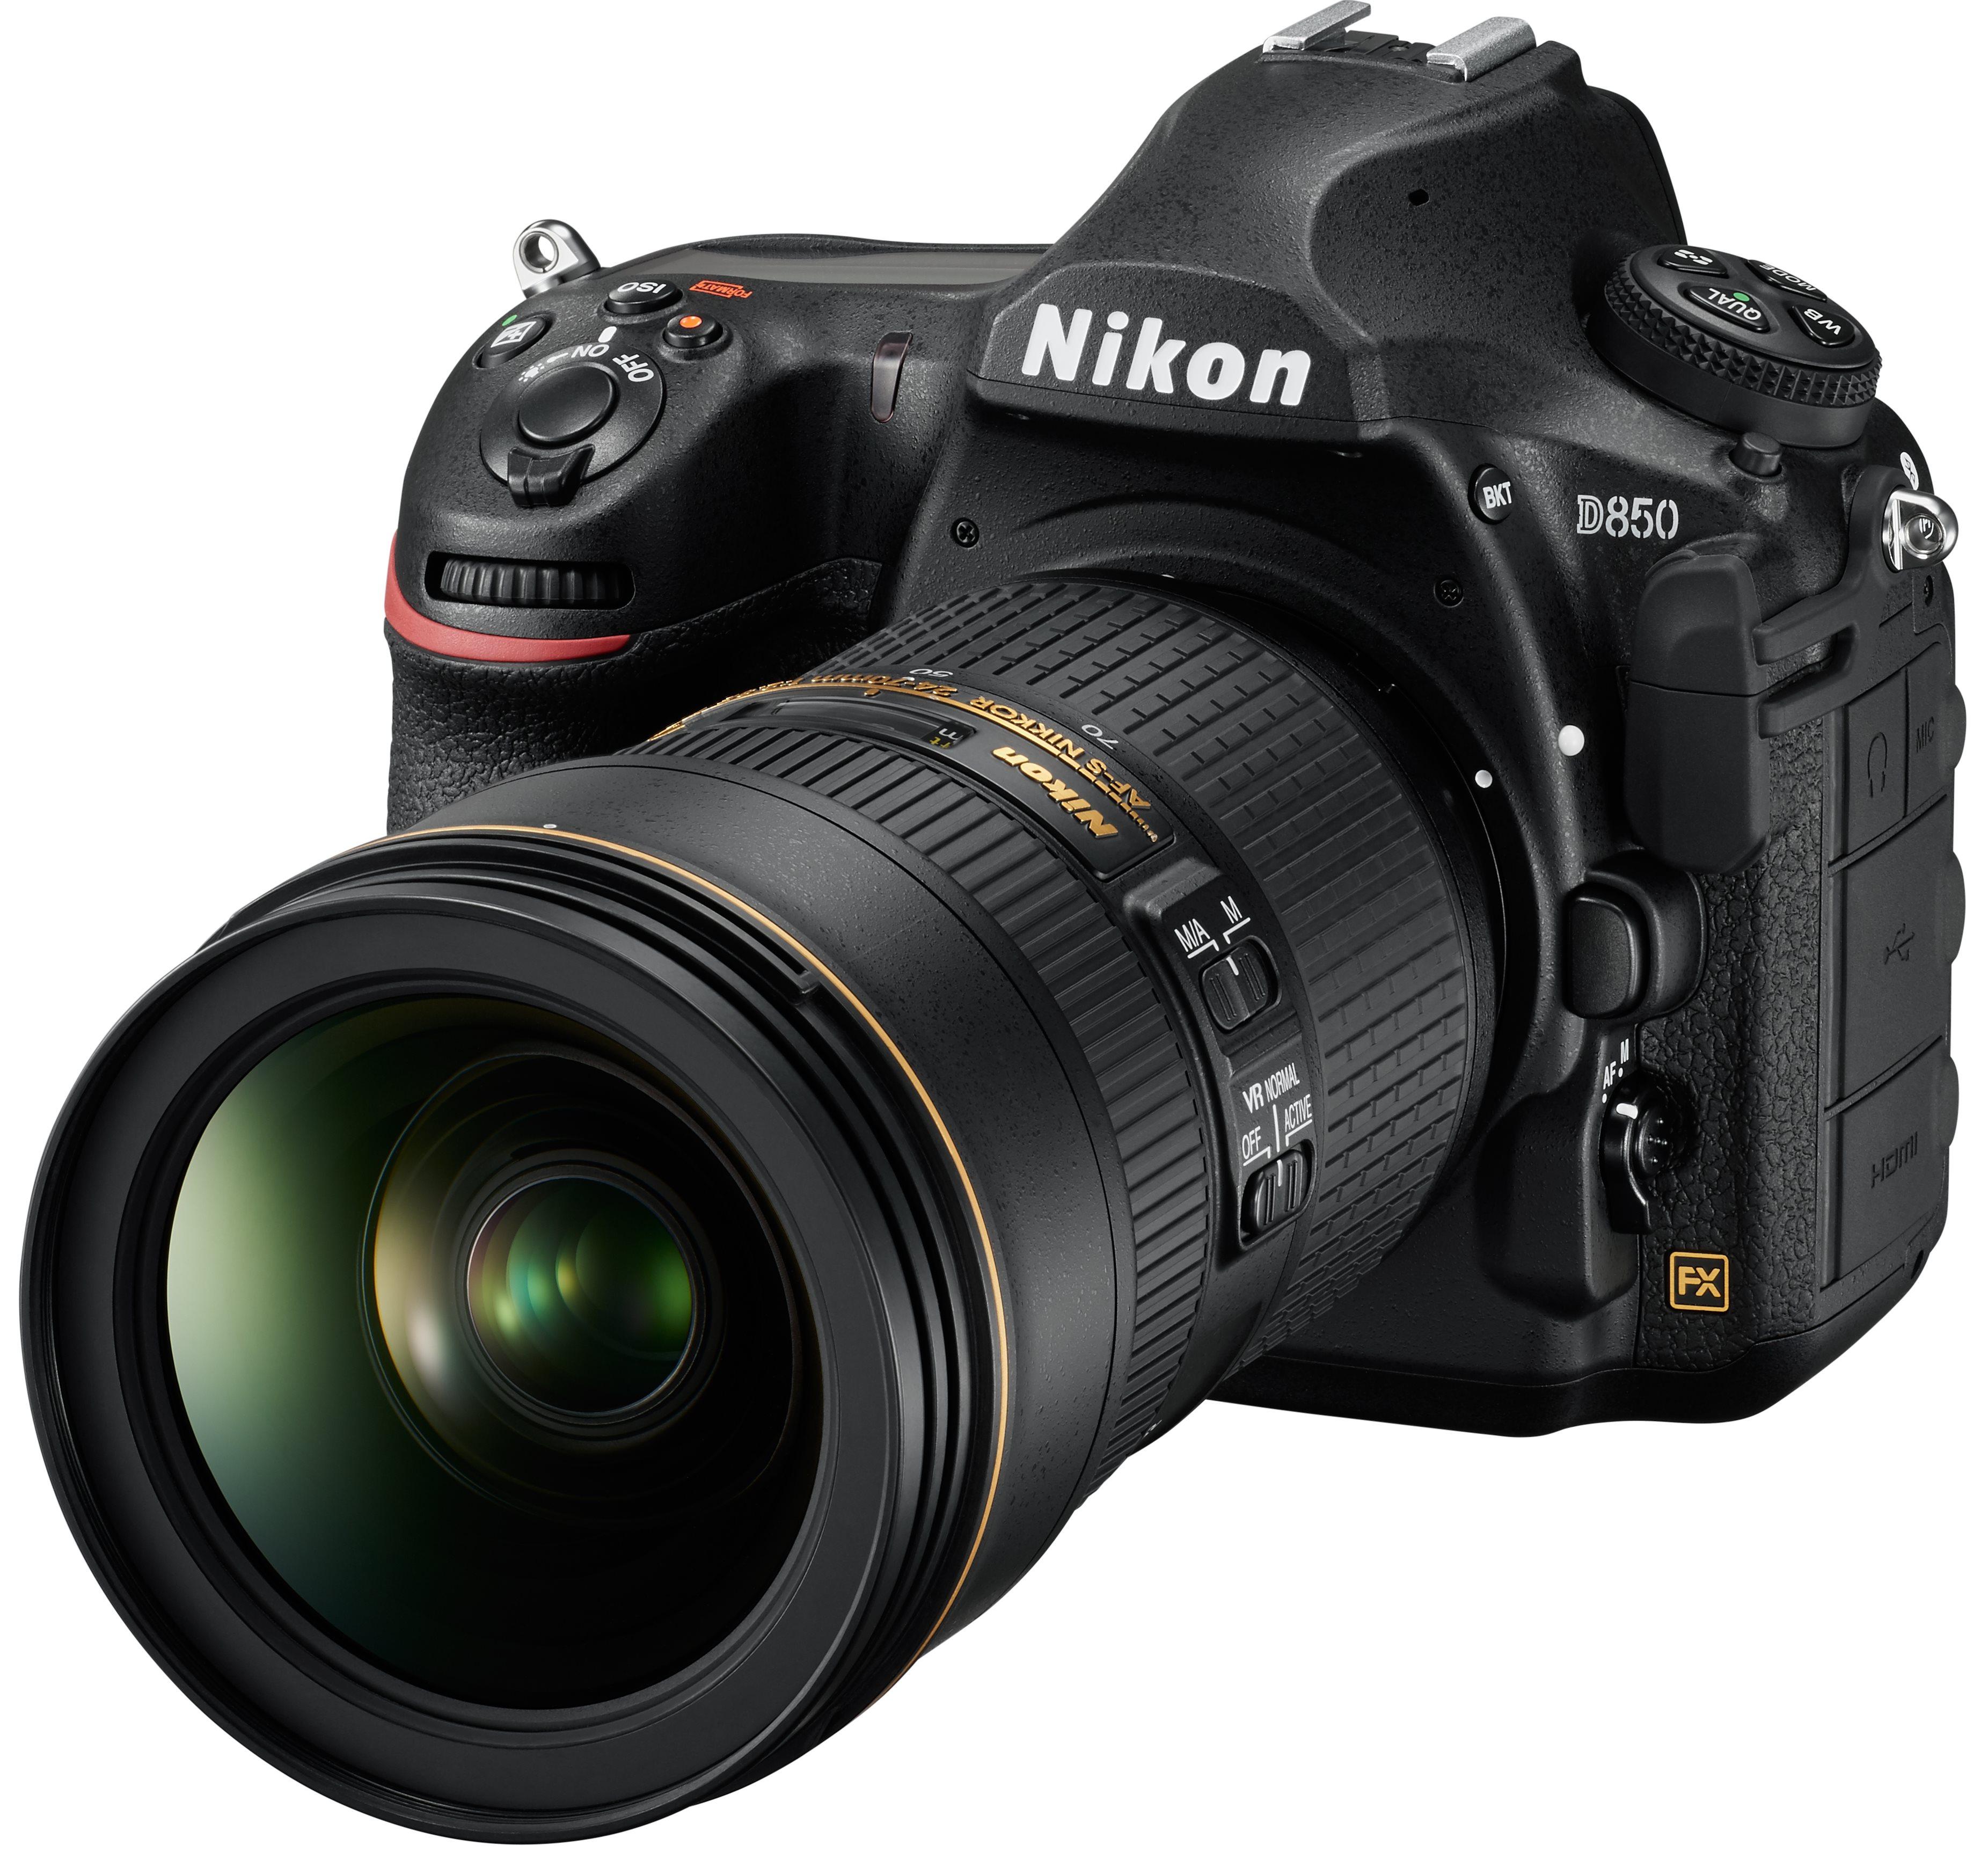 Nikon D850 - Neue Vollformat-DSLR mit 45,4 Megapixeln angekündigt ...